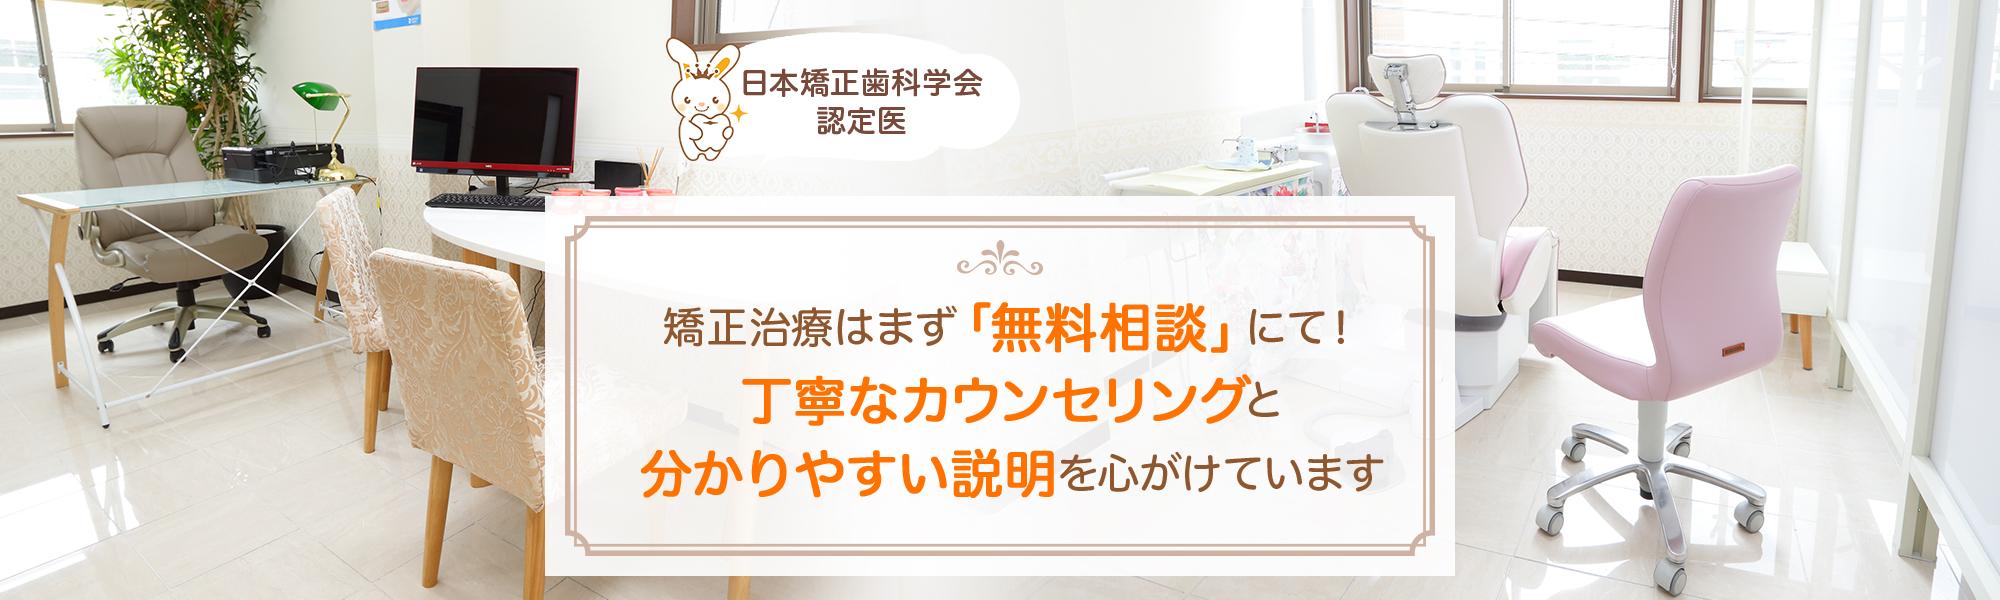 日本矯正歯科学会認定医 矯正治療はまず「無料相談」にて!丁寧なカウンセリングと分かりやすい説明を心がけています